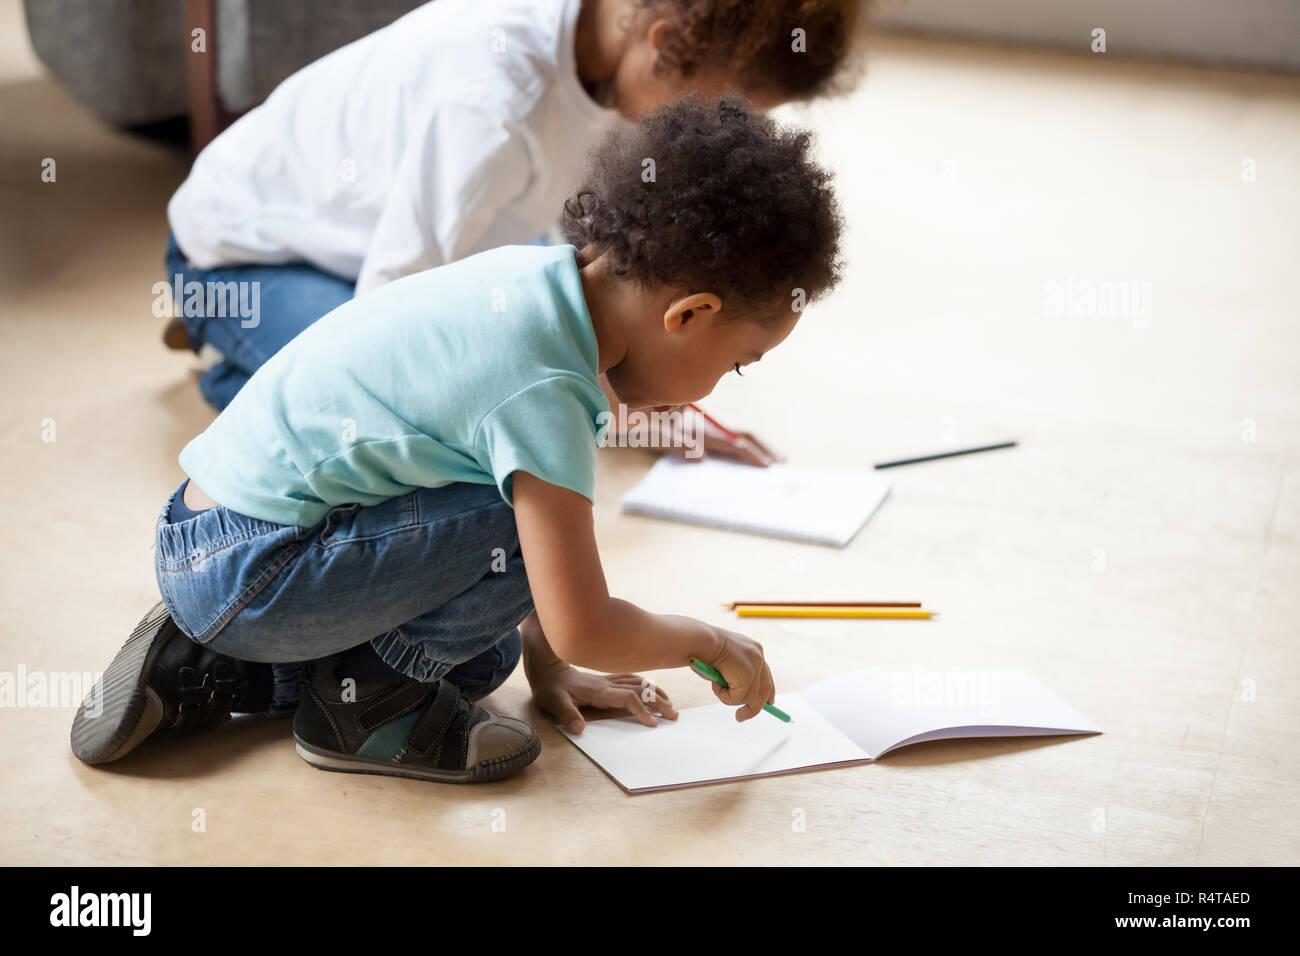 ed6f0e384b32 Kleine afrikanische amerikanische Kinder zeichnen mit Bunte ...